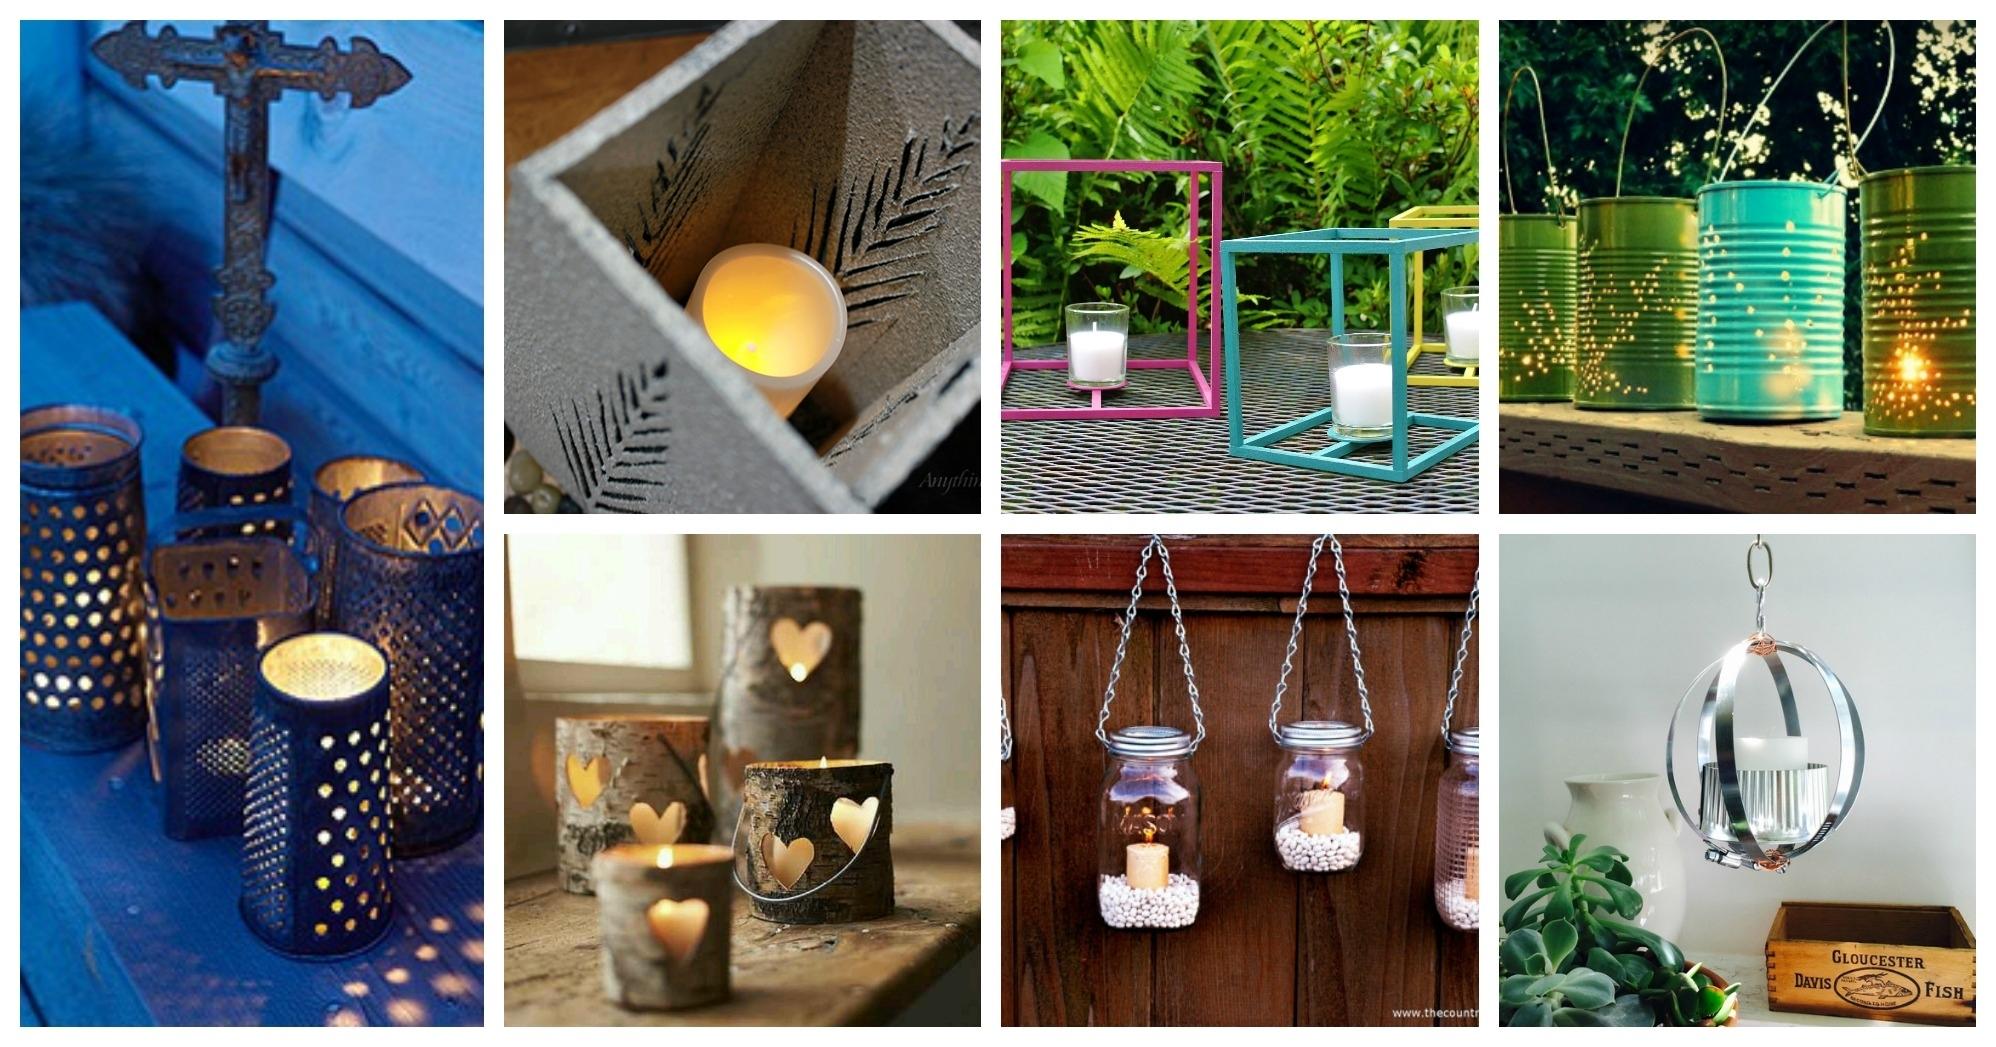 Gorgeous Diy Outdoor Lanterns To Make This Spring throughout Diy Outdoor Lanterns (Image 20 of 20)